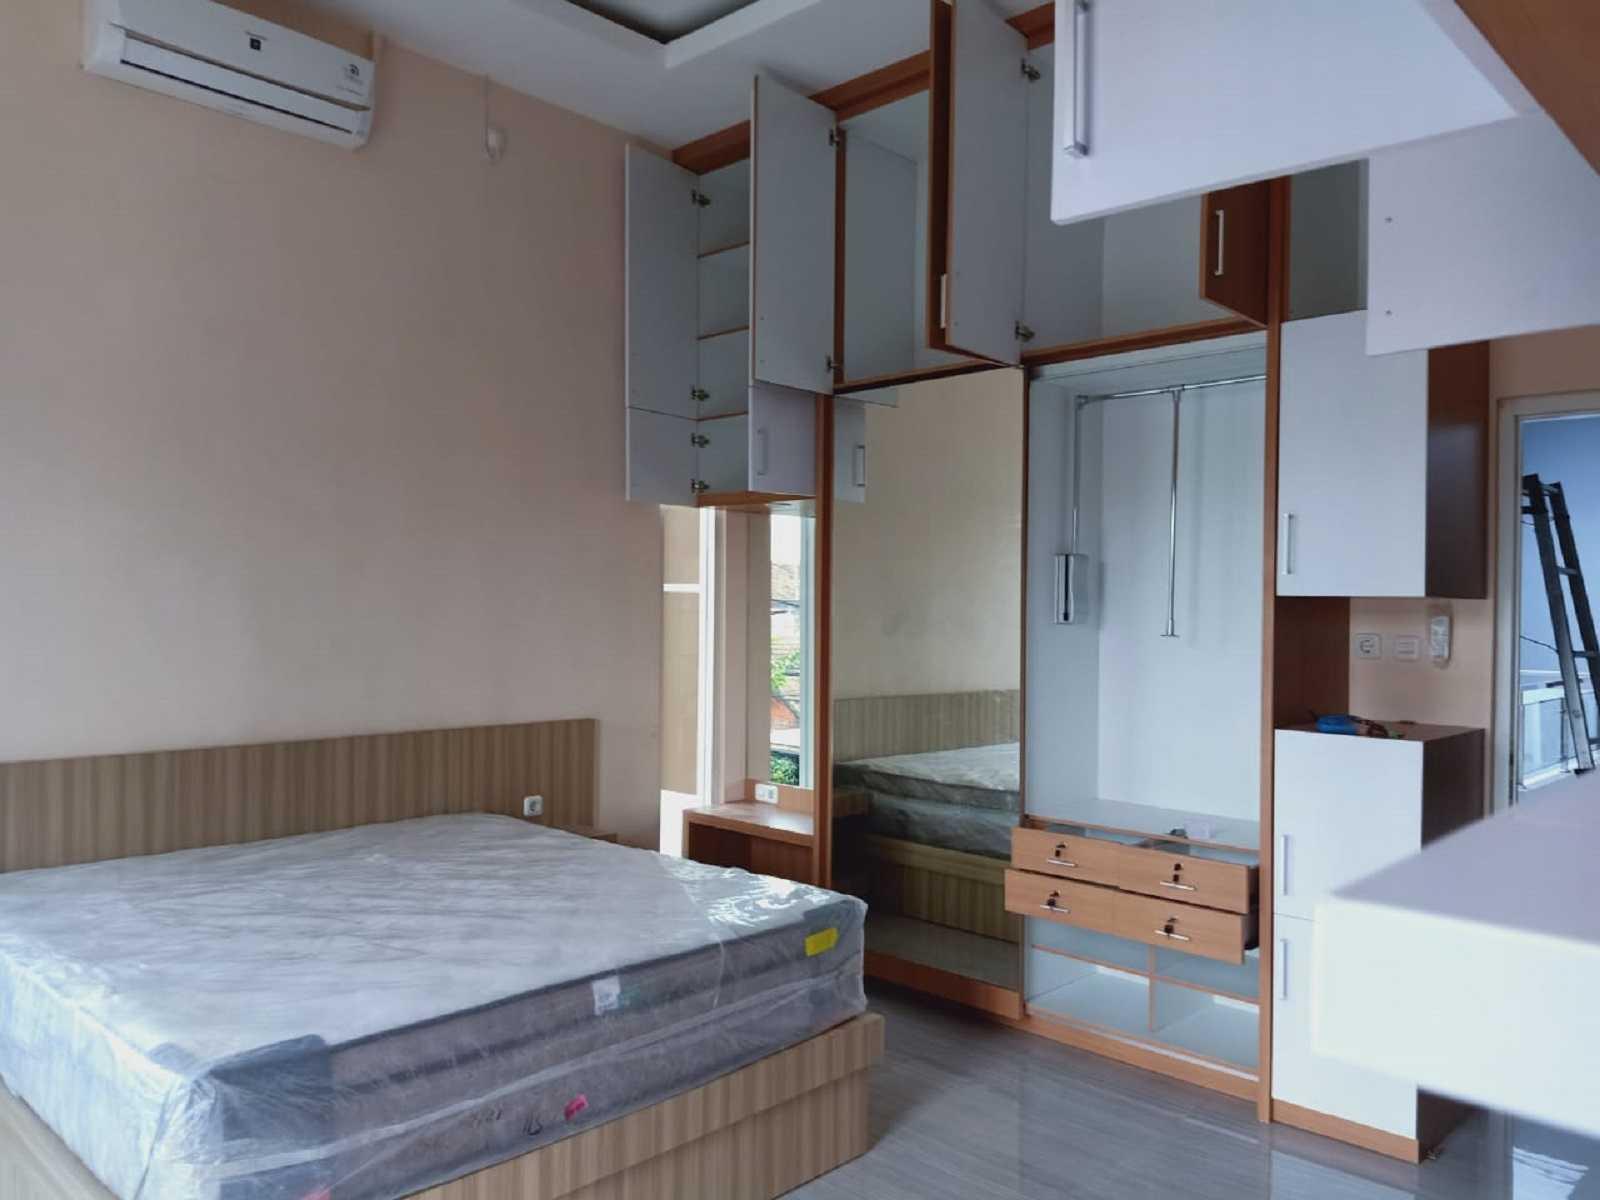 Metom Design Rumah Ibu Dian Y Malang, Kota Malang, Jawa Timur, Indonesia Malang, Kota Malang, Jawa Timur, Indonesia Metom-Design-Interior-Ibu-Dian-Y  98946